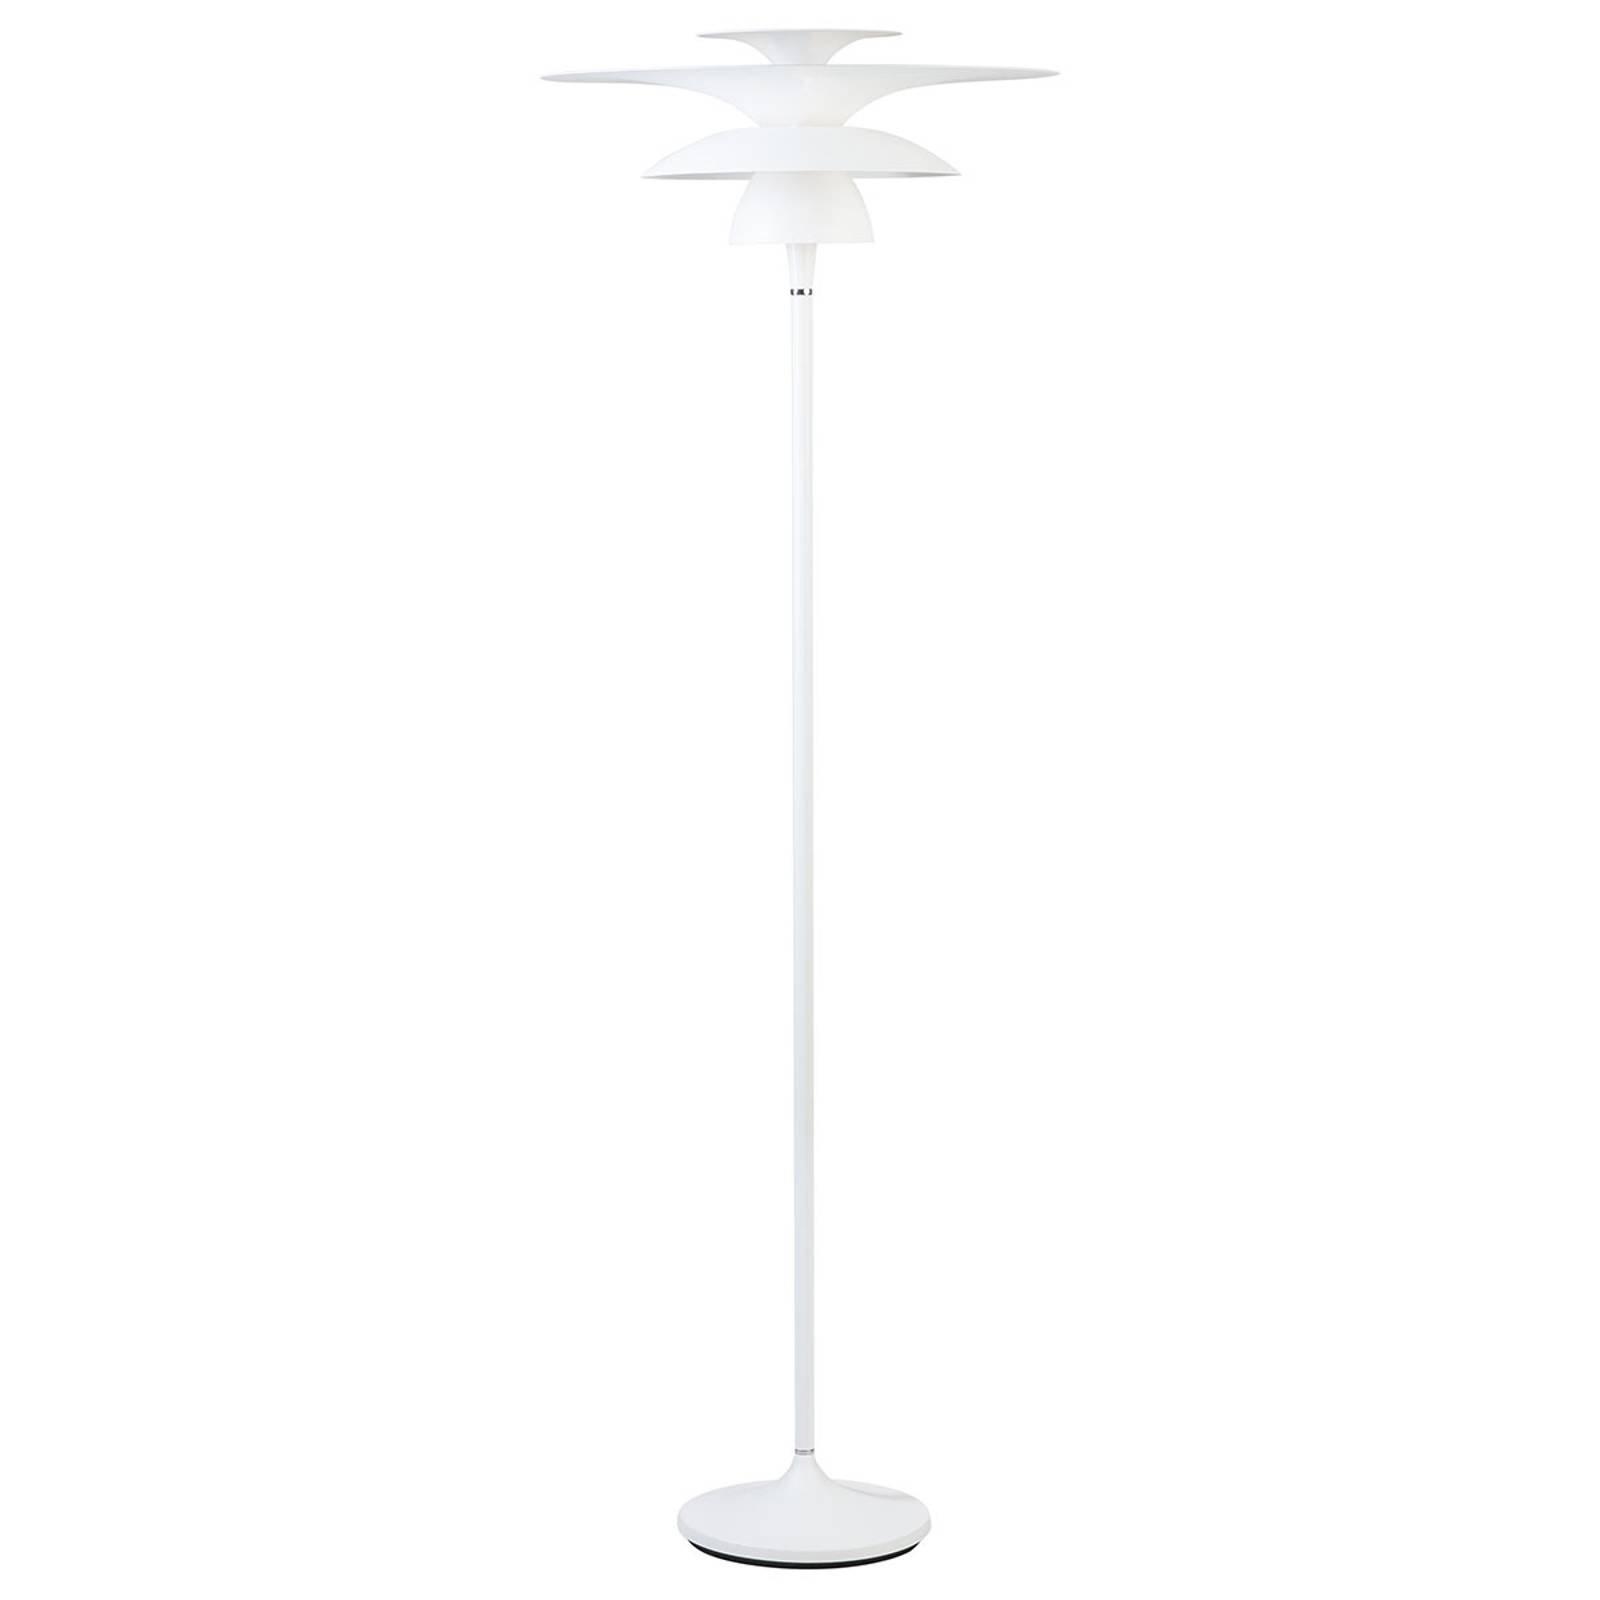 Picasso LED-gulvlampe, skjerm 38 cm, hvit